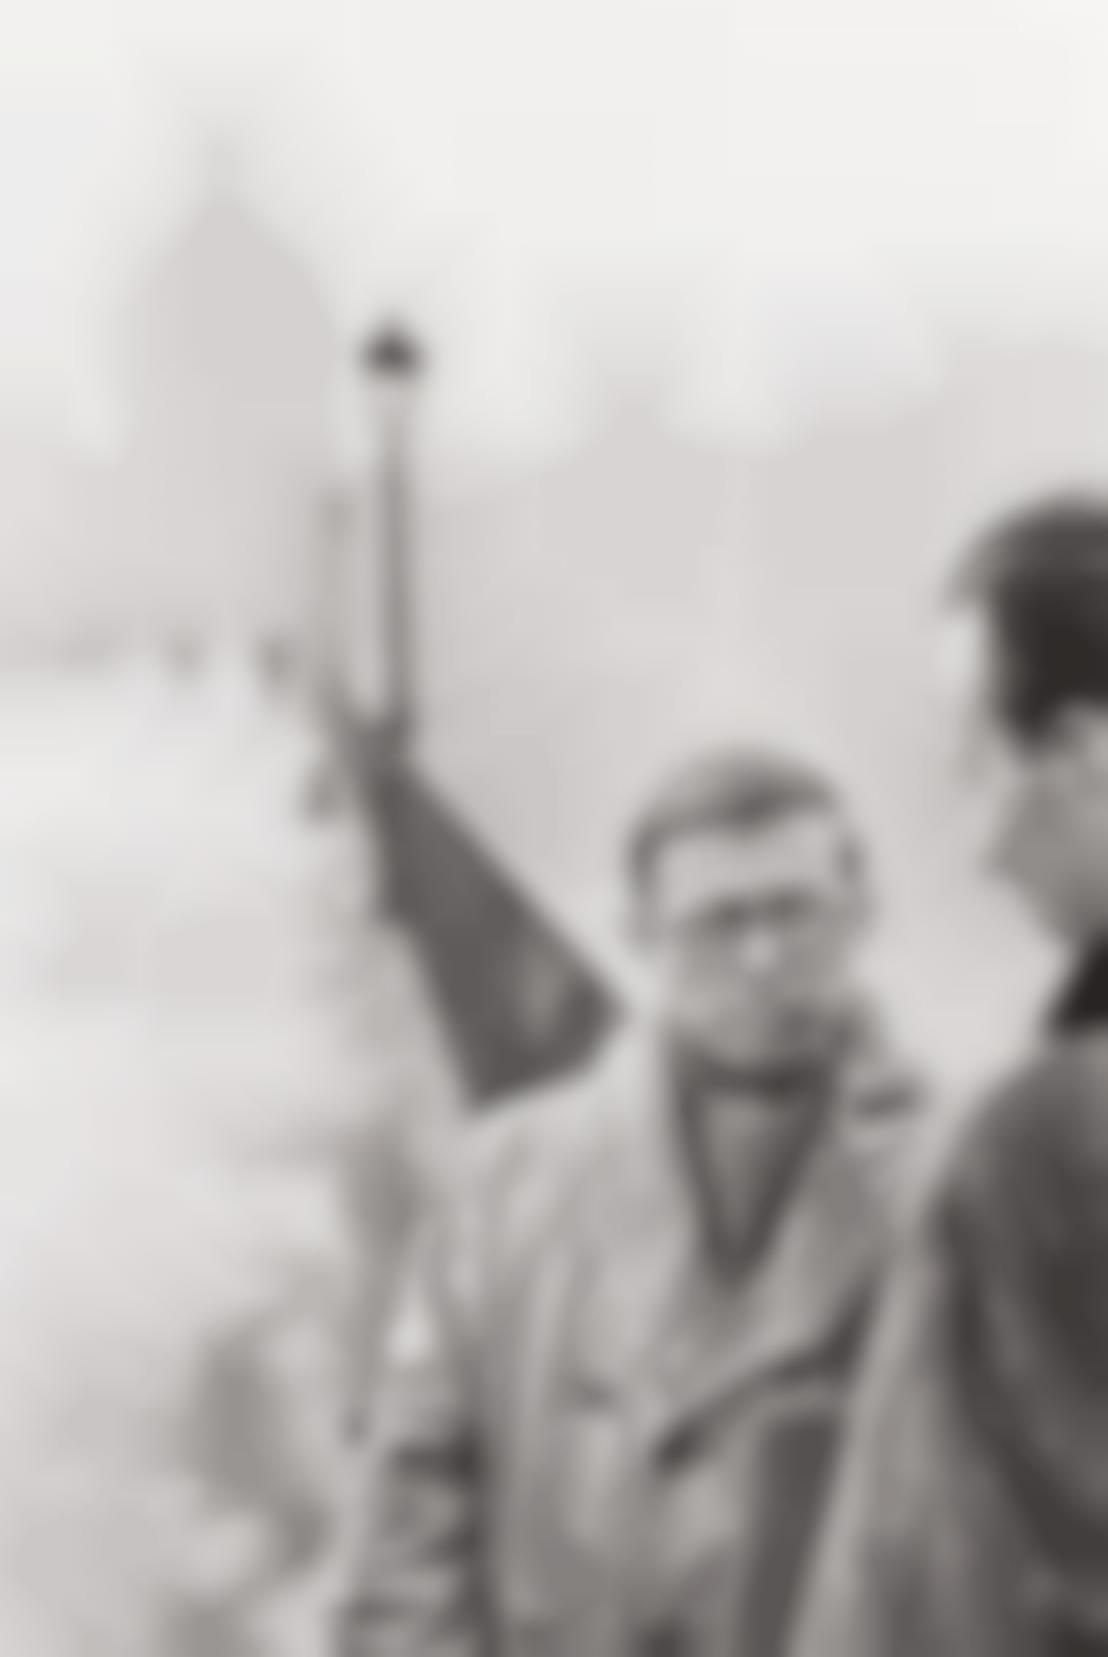 Henri Cartier-Bresson-Jean-Paul Sartre, Le Pont Des Arts, Paris-1946